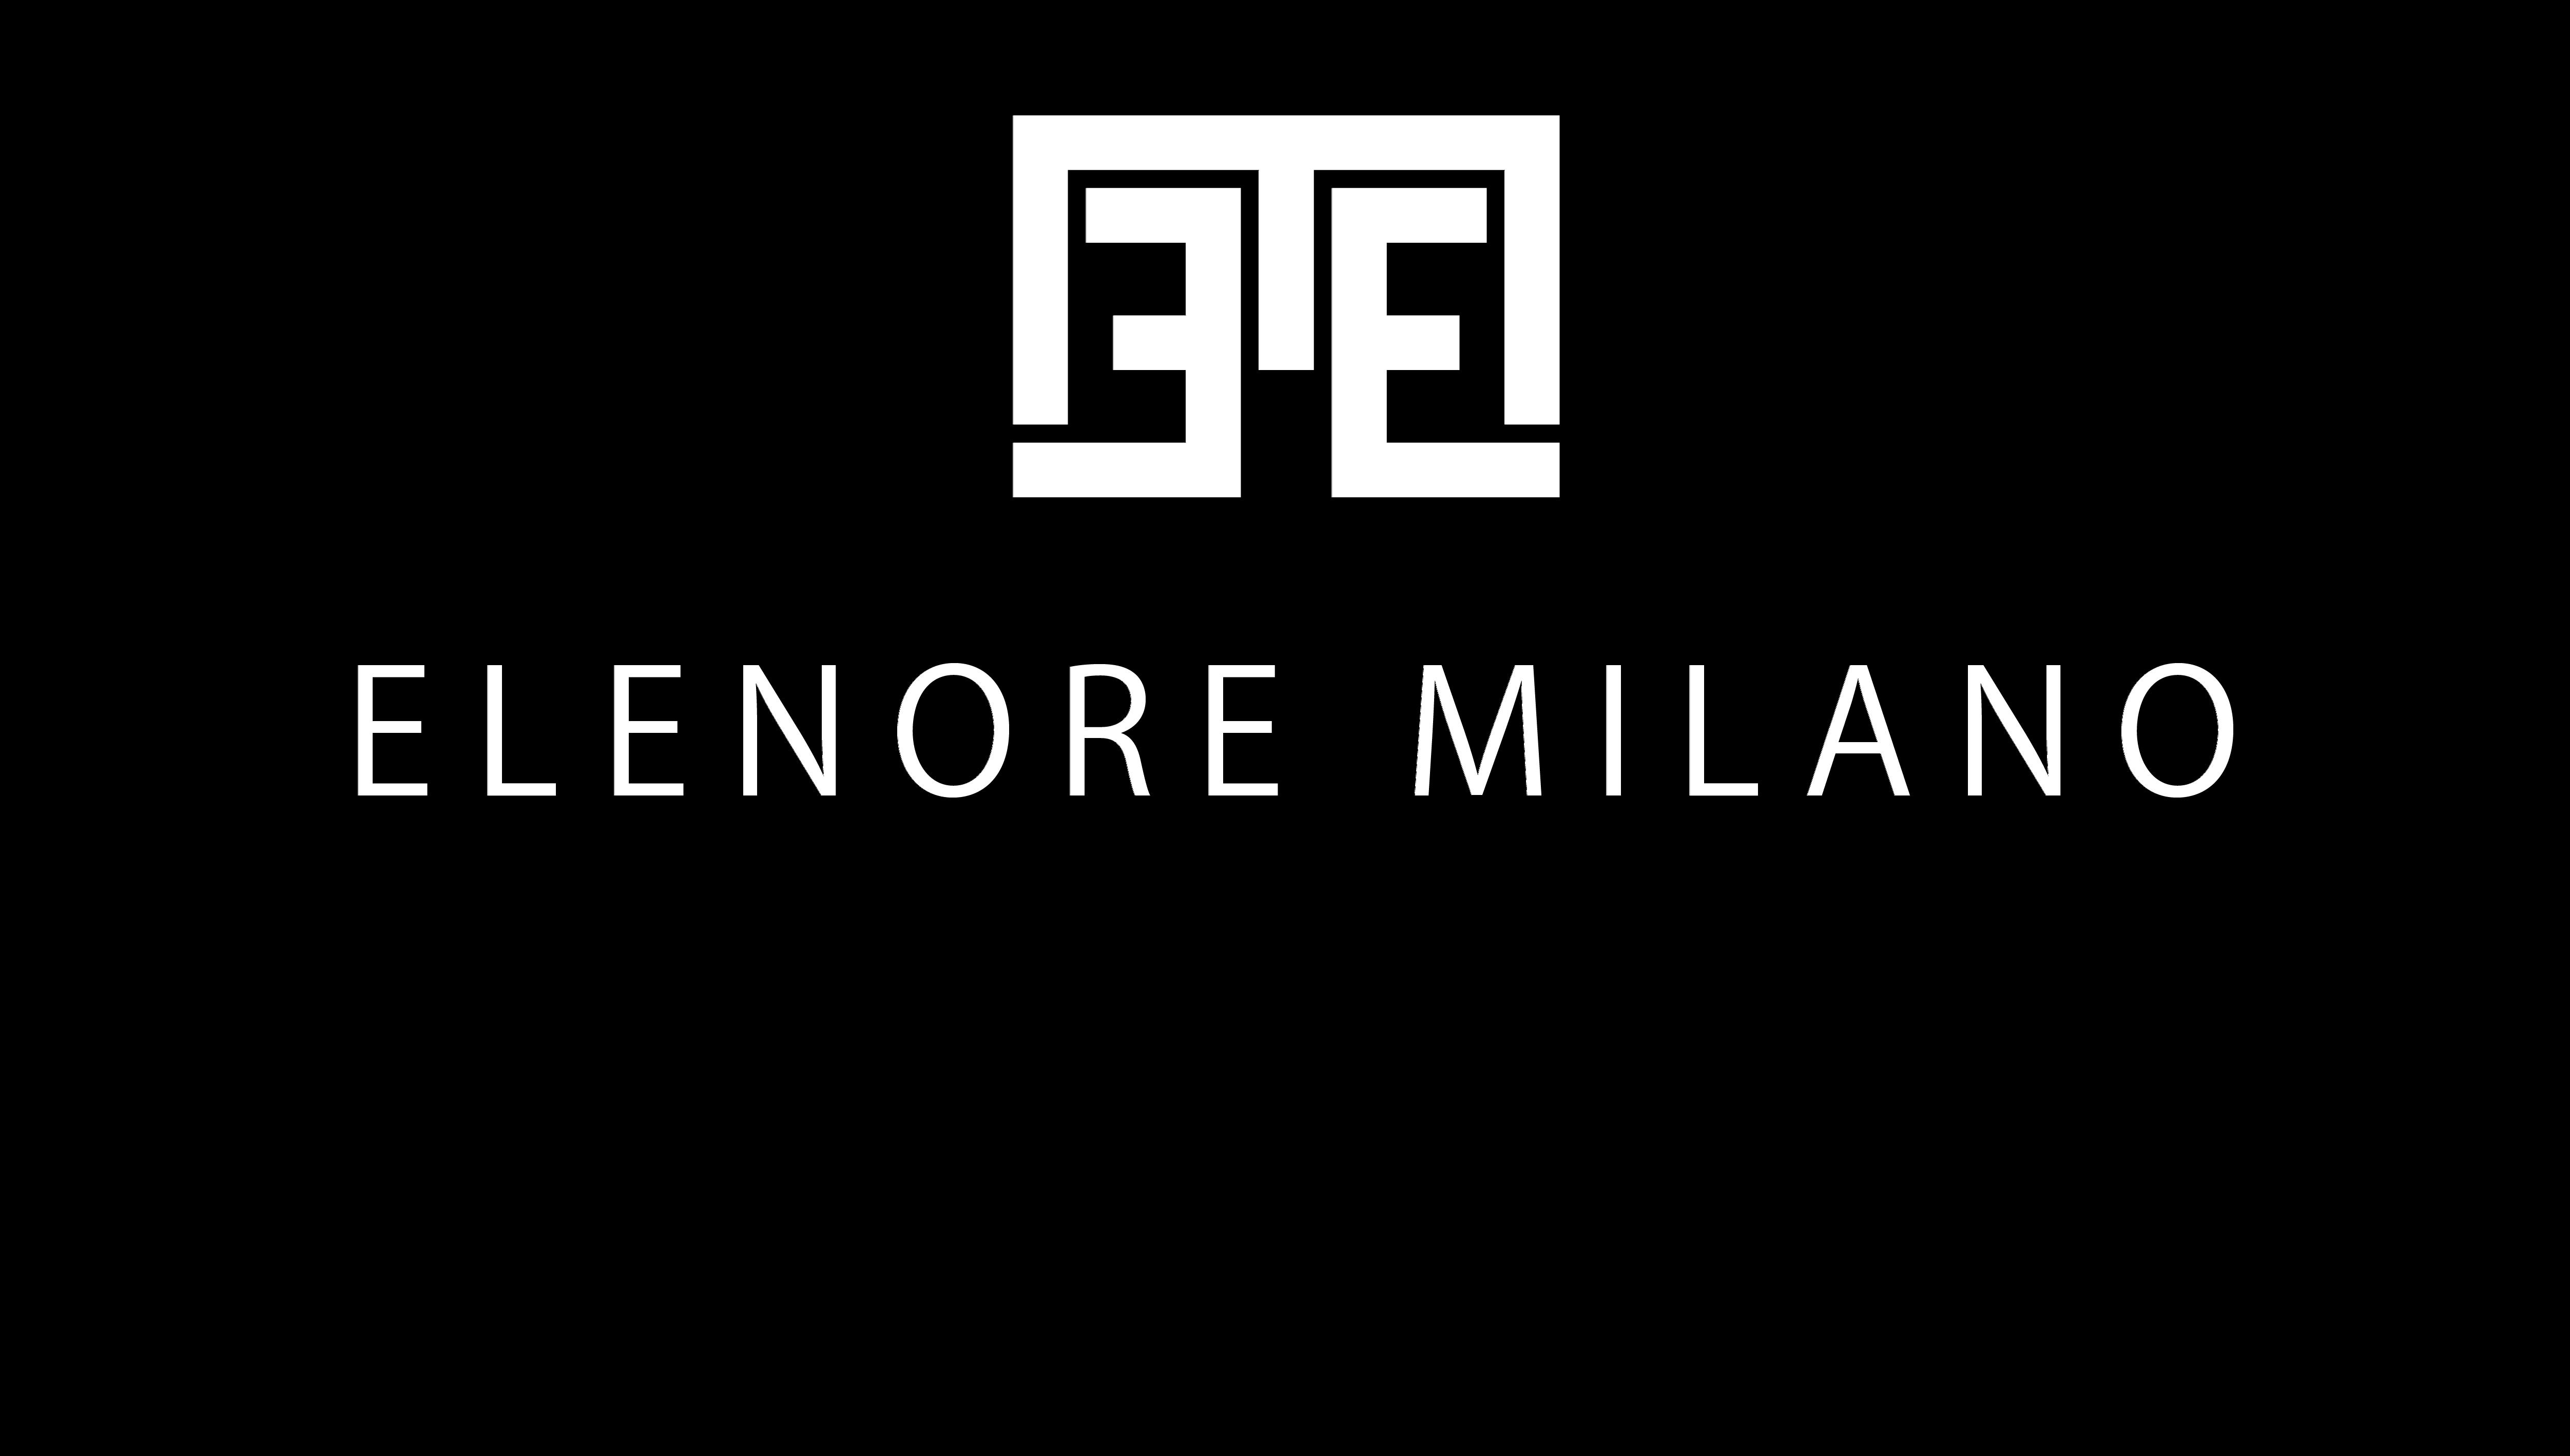 Elenore Milano